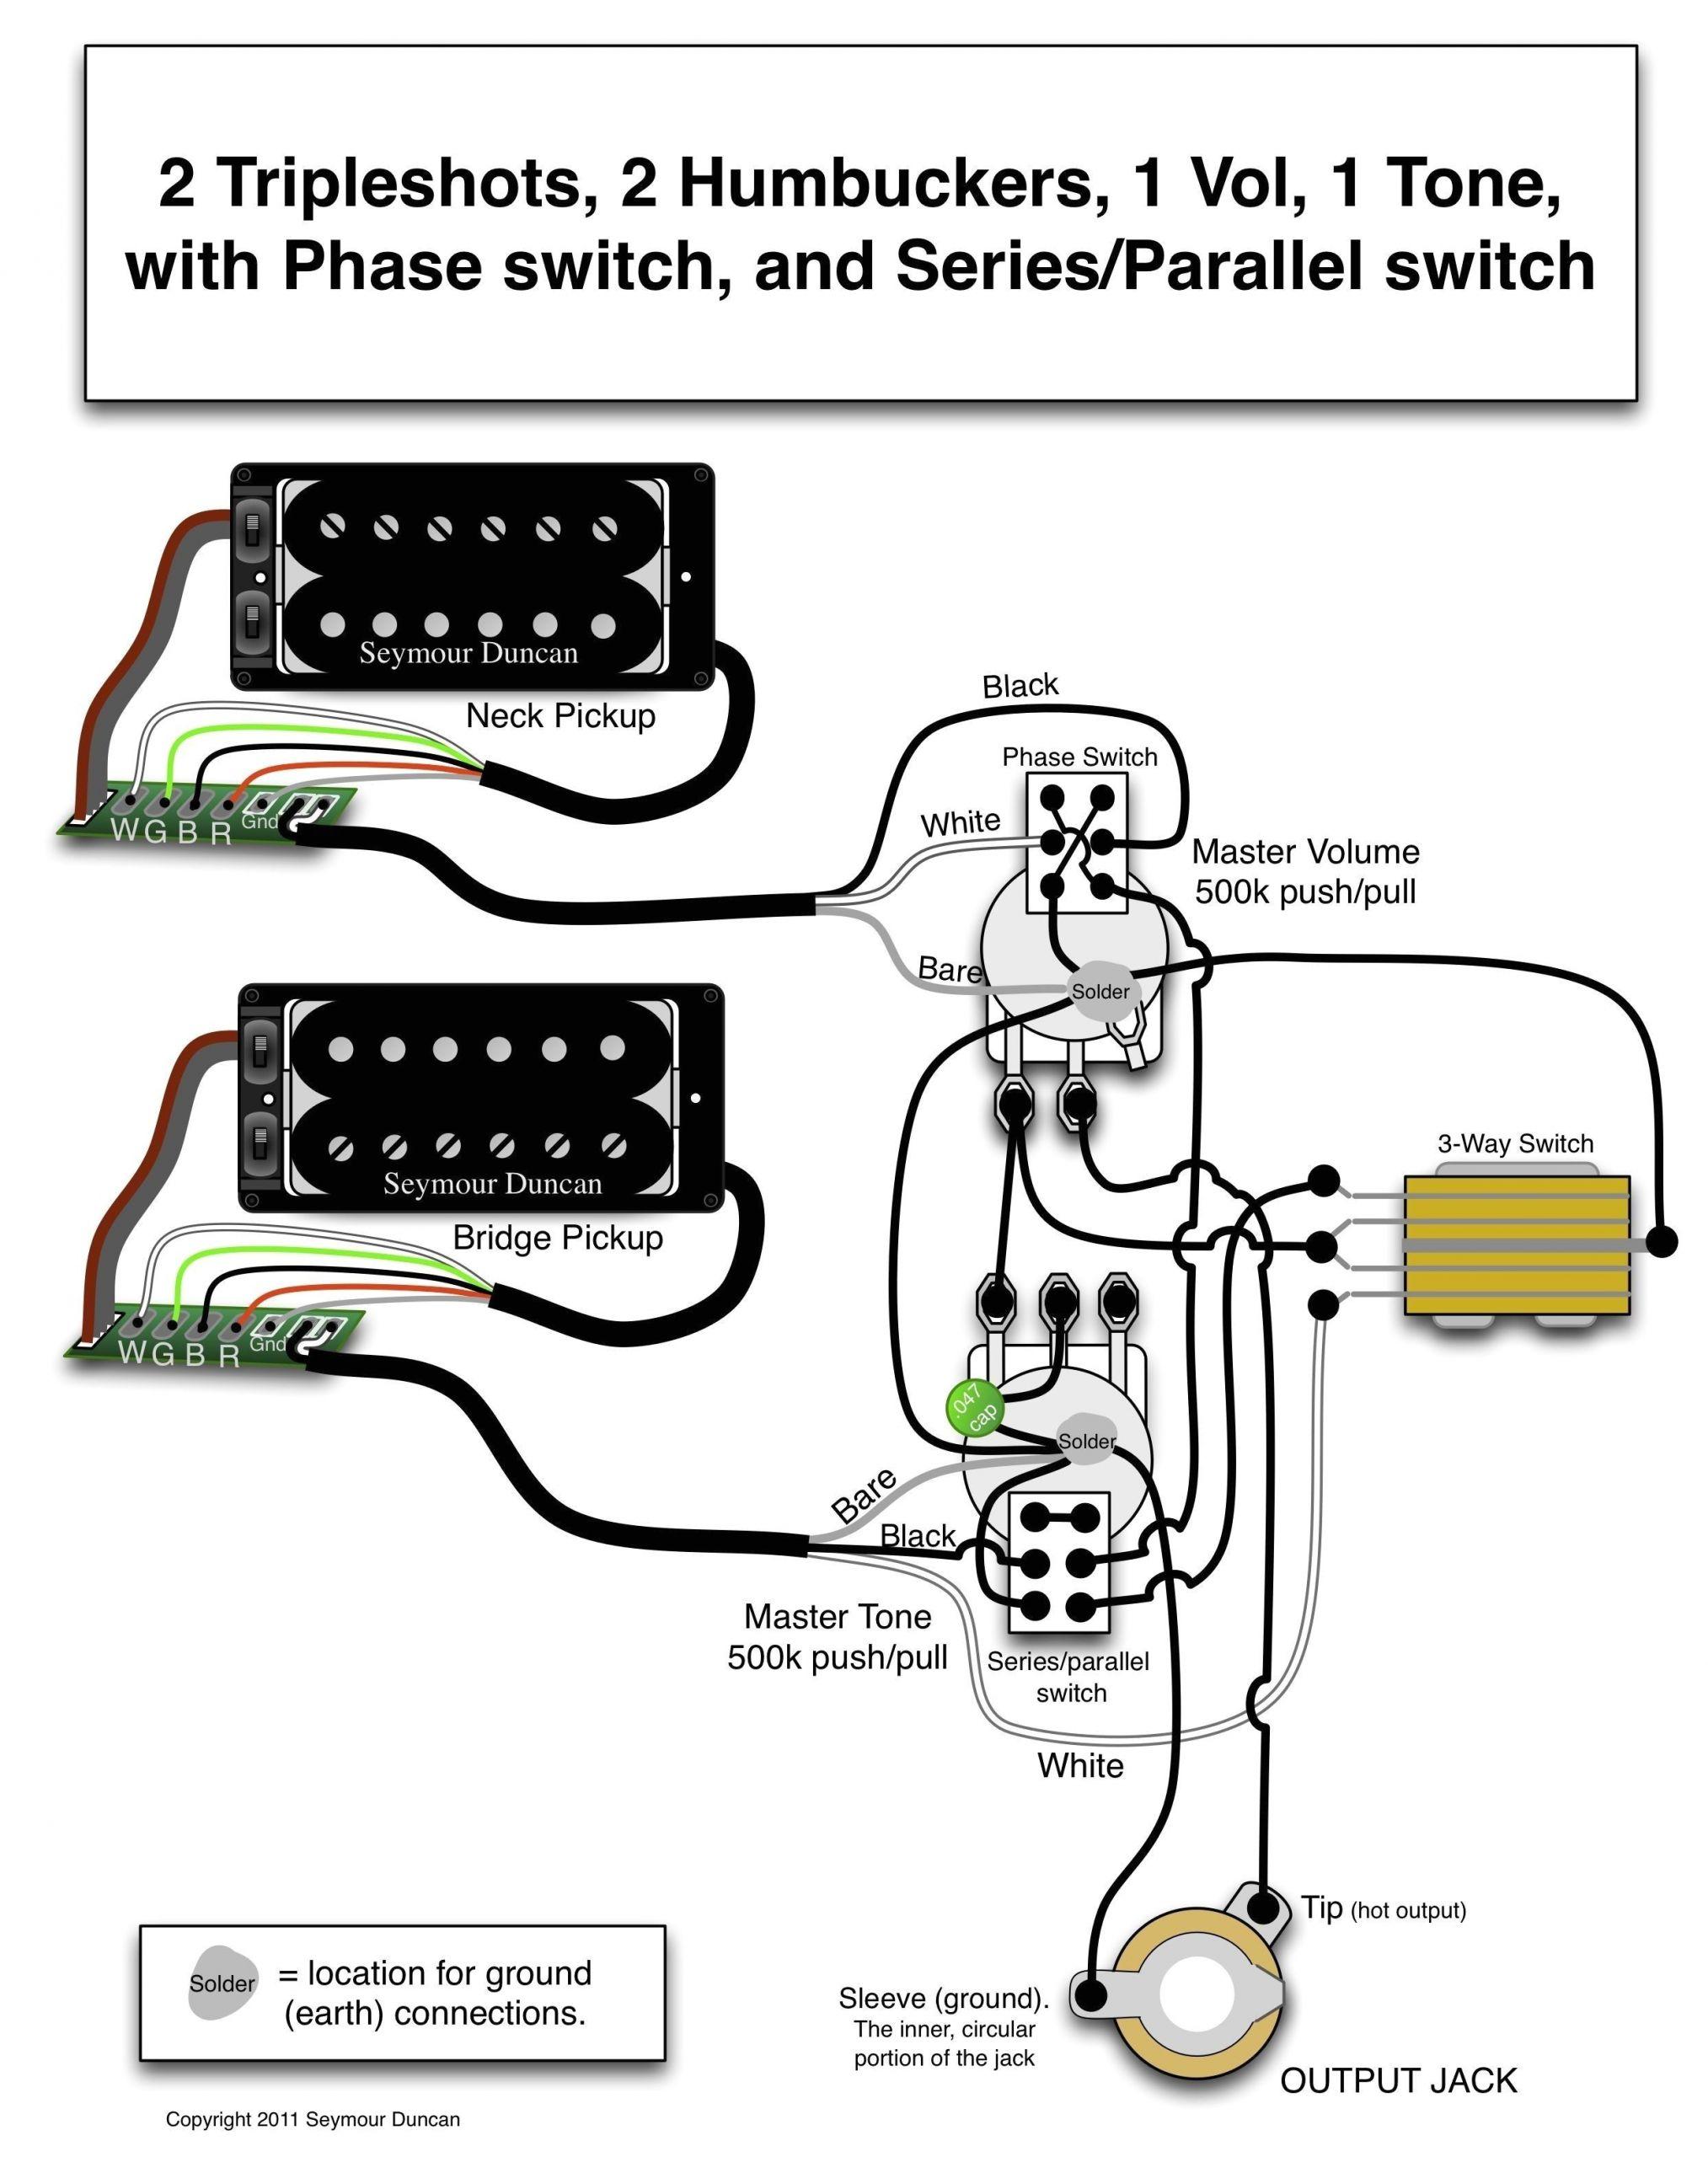 1 Humbucker 1 Volume 1 tone Wiring Diagram Unique Guitar Wiring Diagram 1 Humbucker 1 Volume Diagram